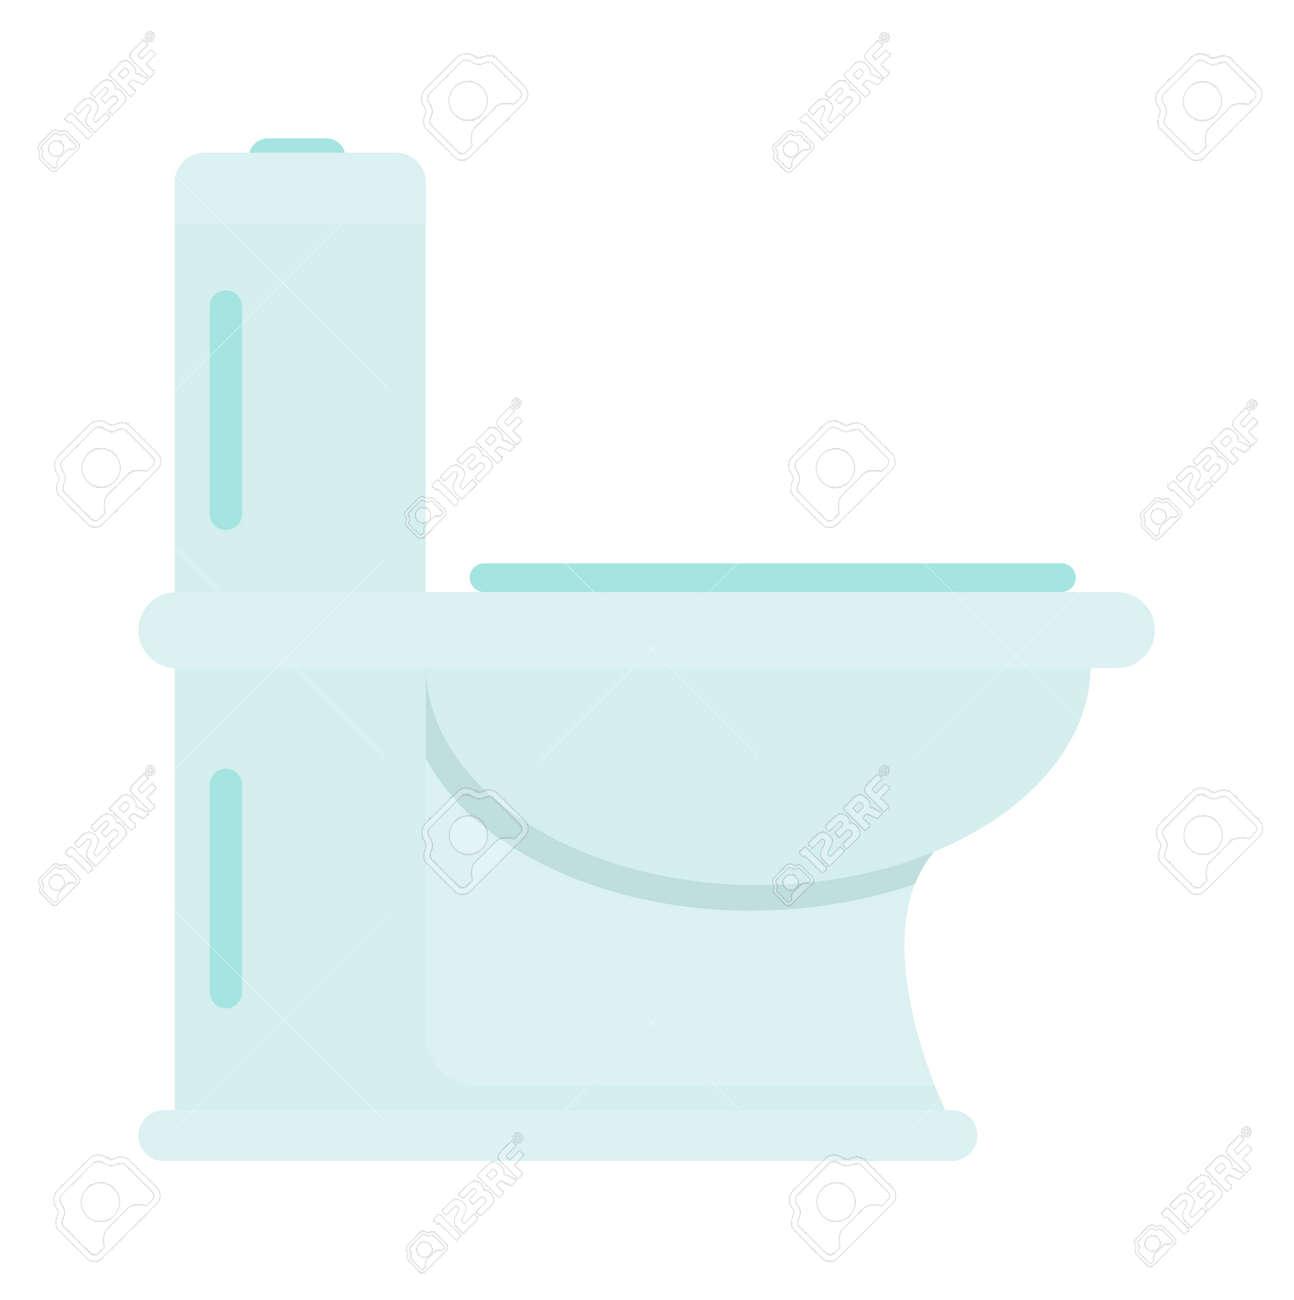 Lavatory toilet and clean toilet bowl  Domestic porcelain toilet flush  interior element  sanitary home. Lavatory Toilet And Clean Toilet Bowl  Domestic Porcelain Toilet